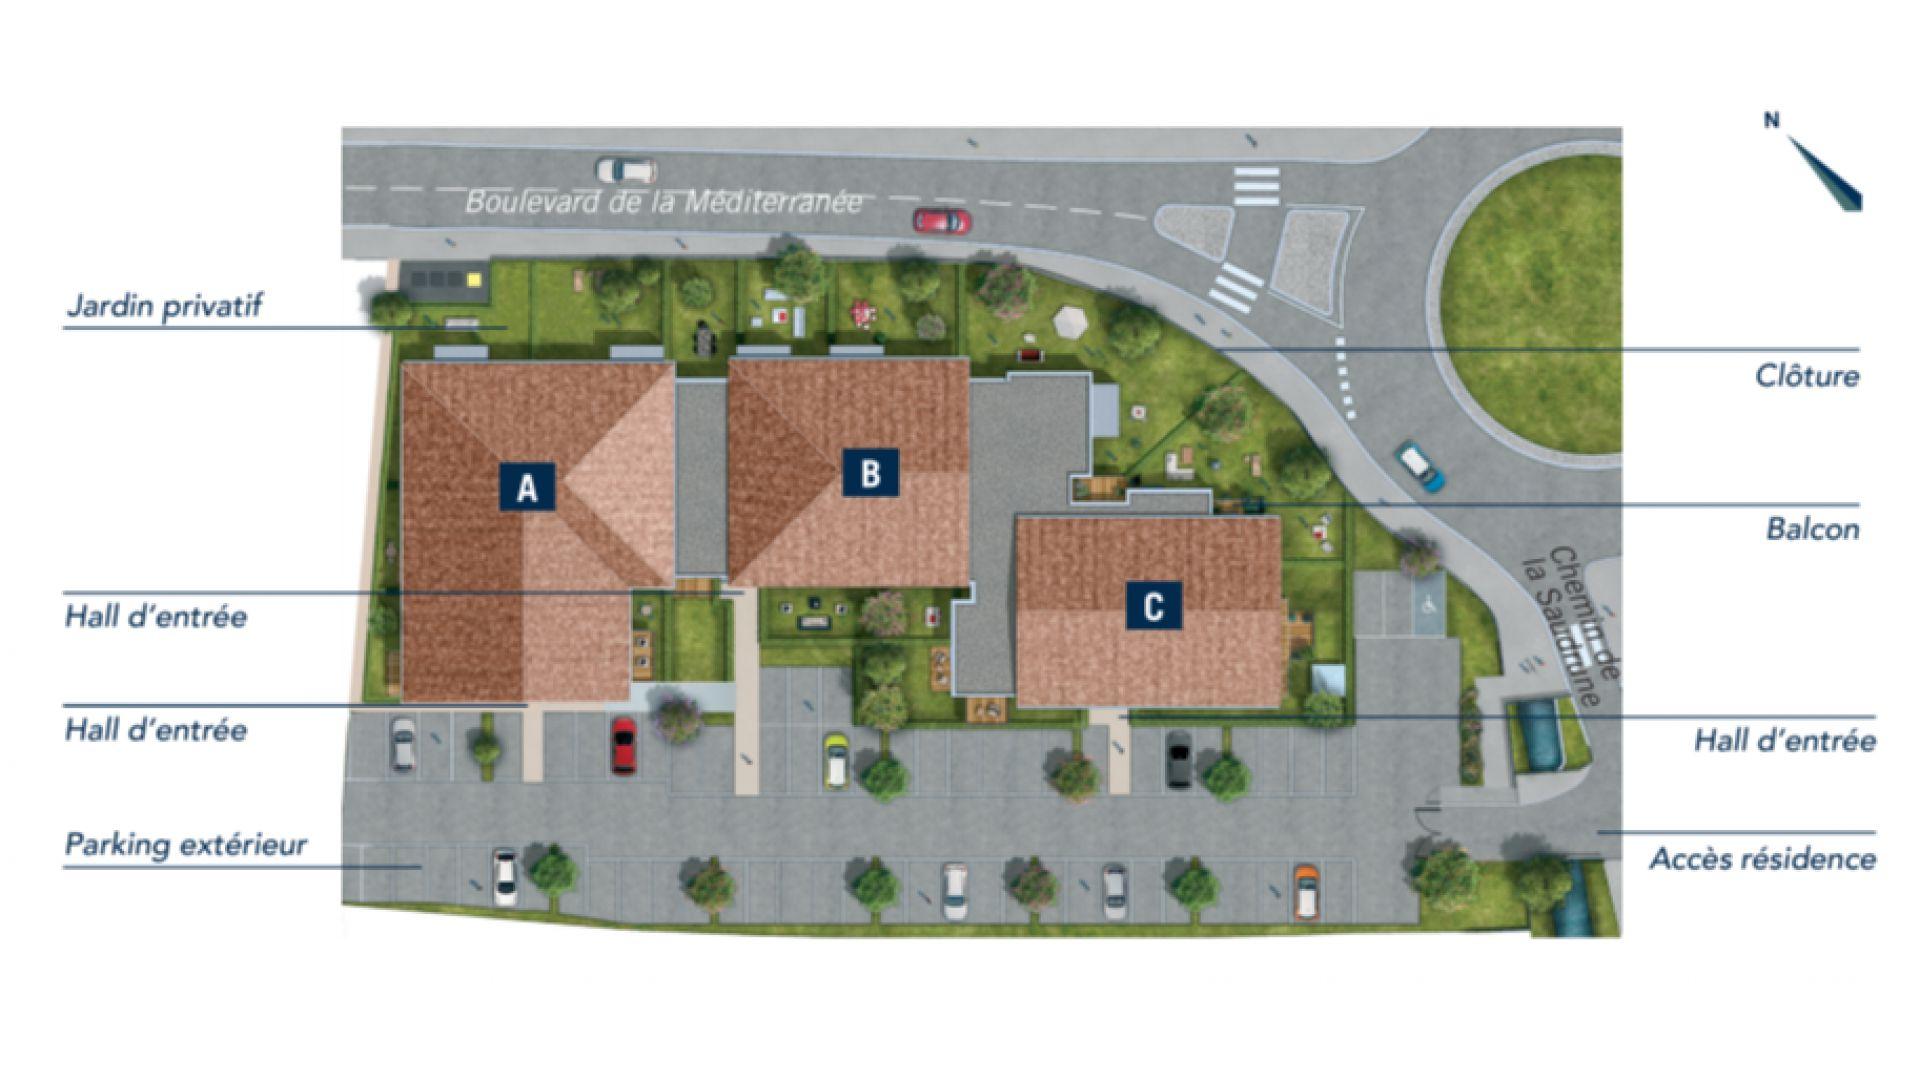 GreenCity immobilier - Frouzins - Résidence Cours du Lac - 31270 - appartements neufs du T1bis au T3 - plan de masse